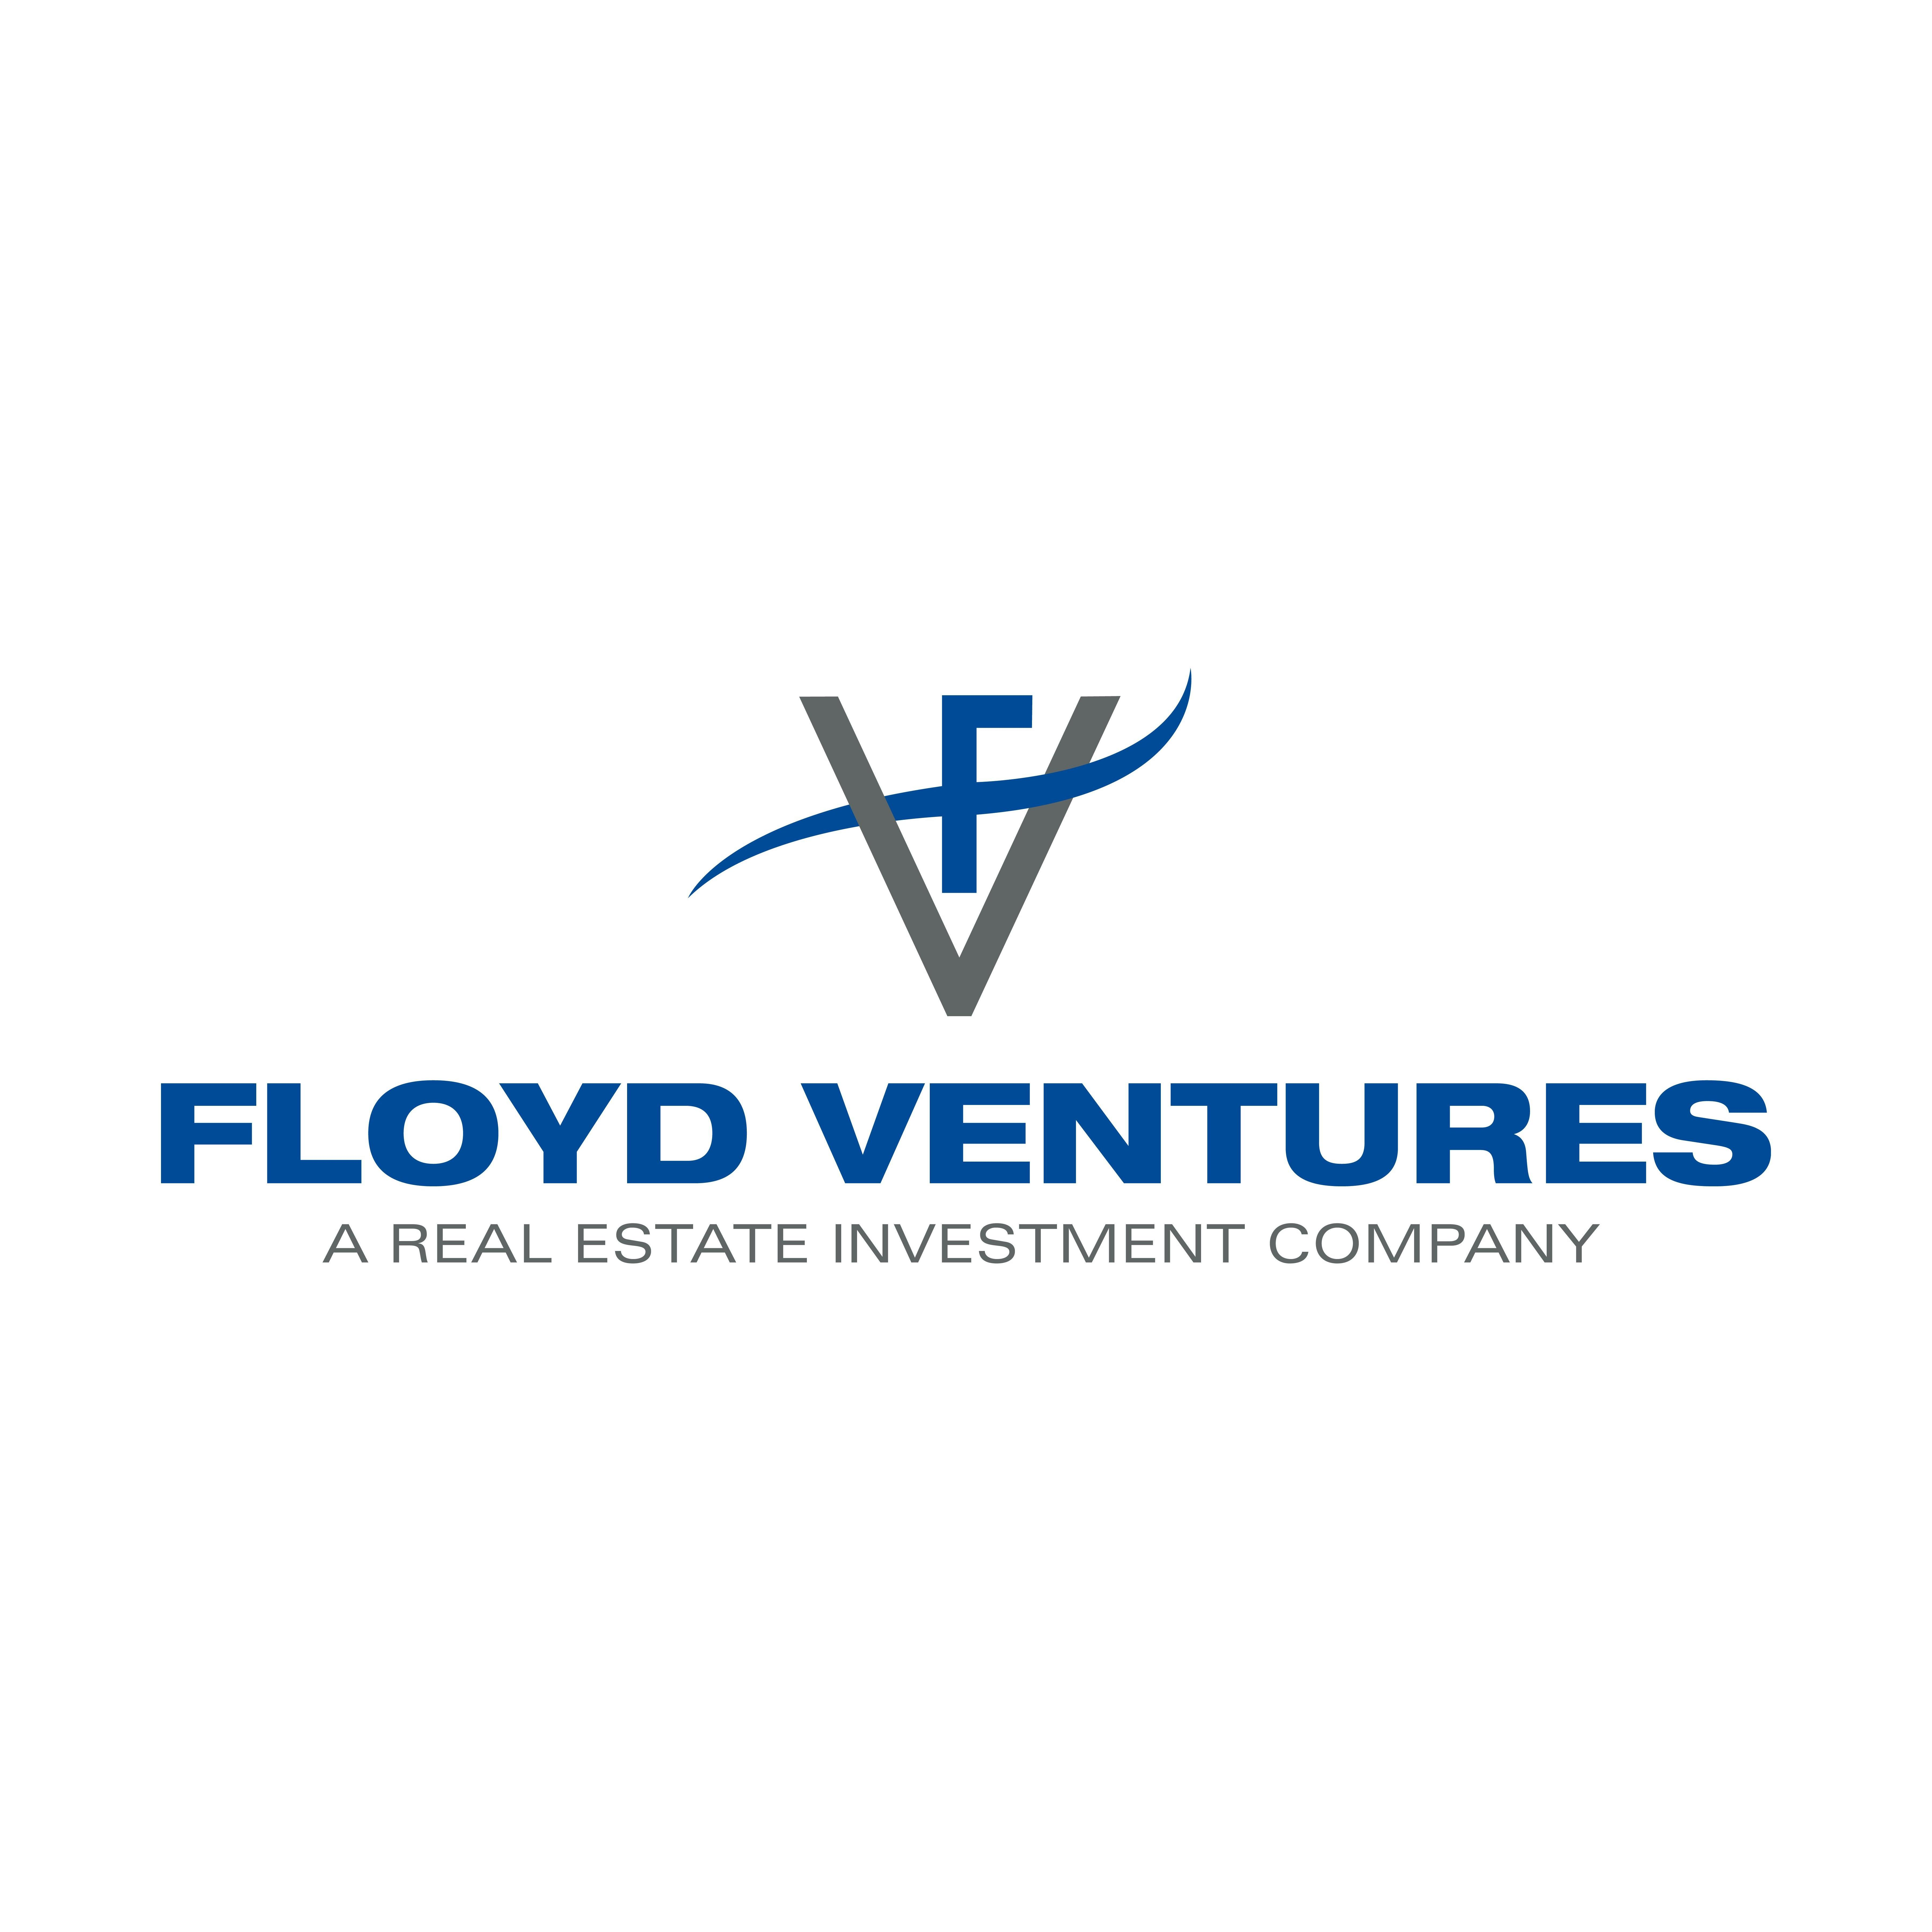 Floyd Ventures